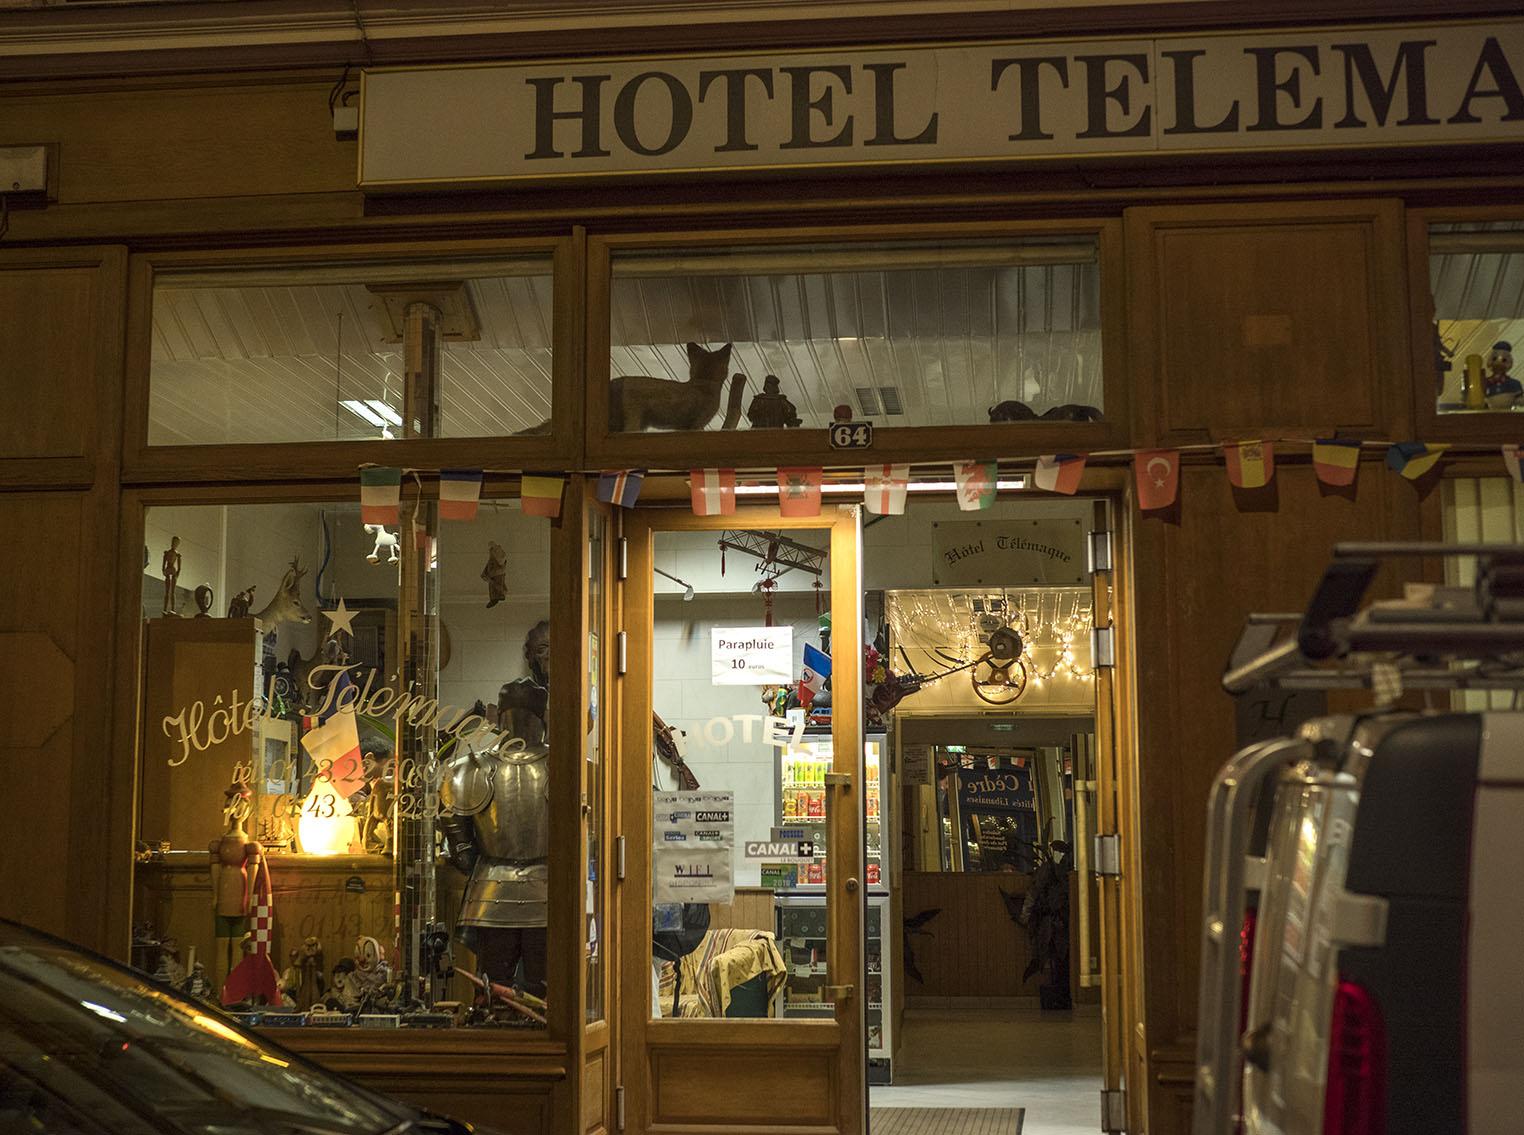 Hotell Telemarque erbjuder boende längs gatan. Receptionen är ett under av småprylar mer eller mindre oordnat uppställt. Olympus OM-D E-M1 II, Zuiko 50 mm 1,2 1/50 sekund och bländare 2,9, 800 Asa